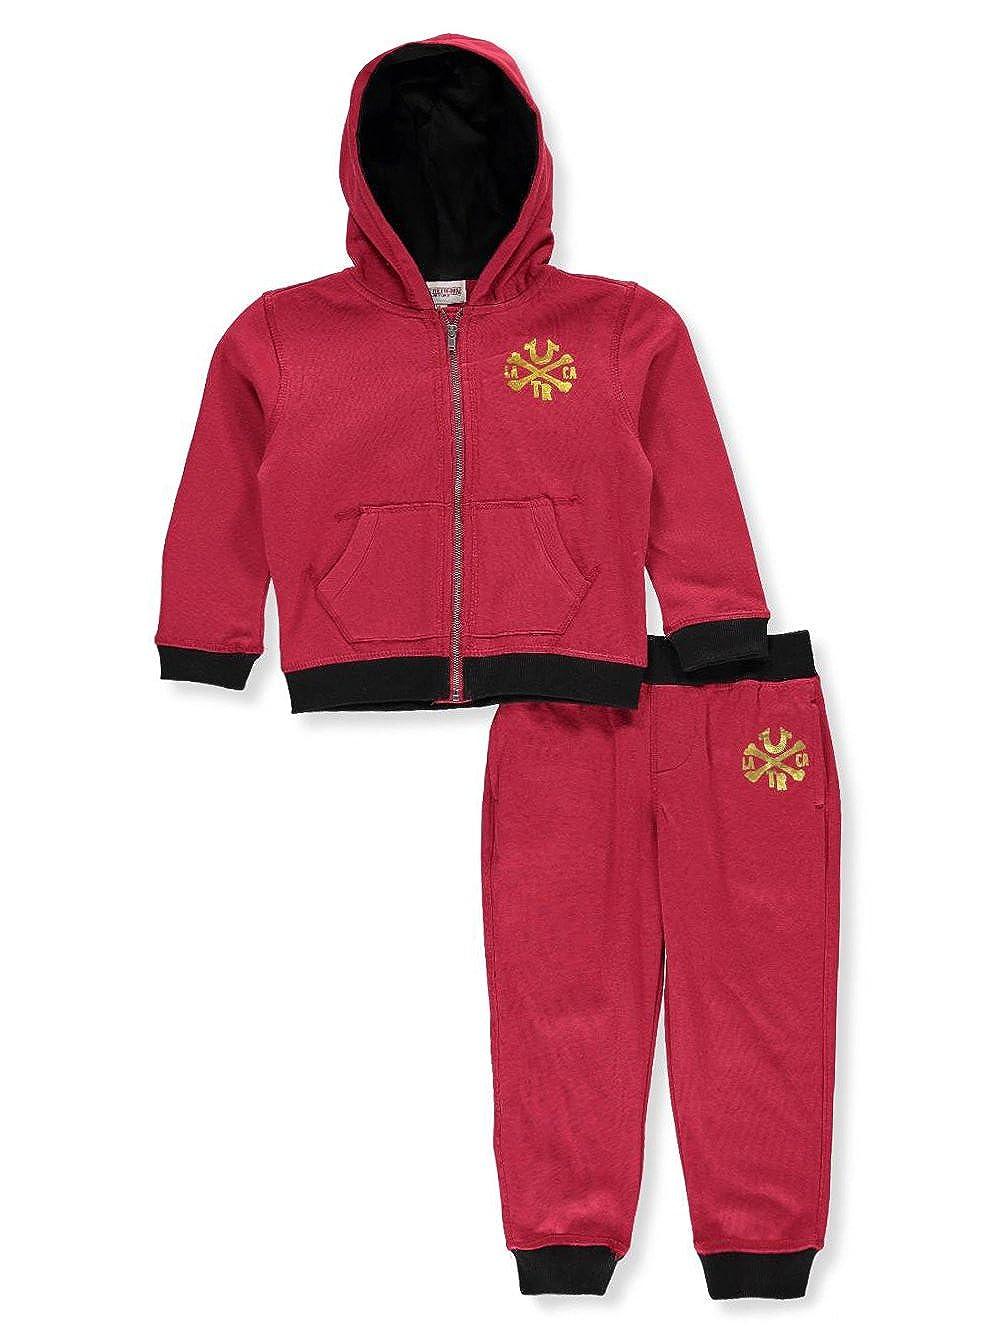 9f8a401d16 True Religion Boys' 2-Piece Sweatsuit Pants Set